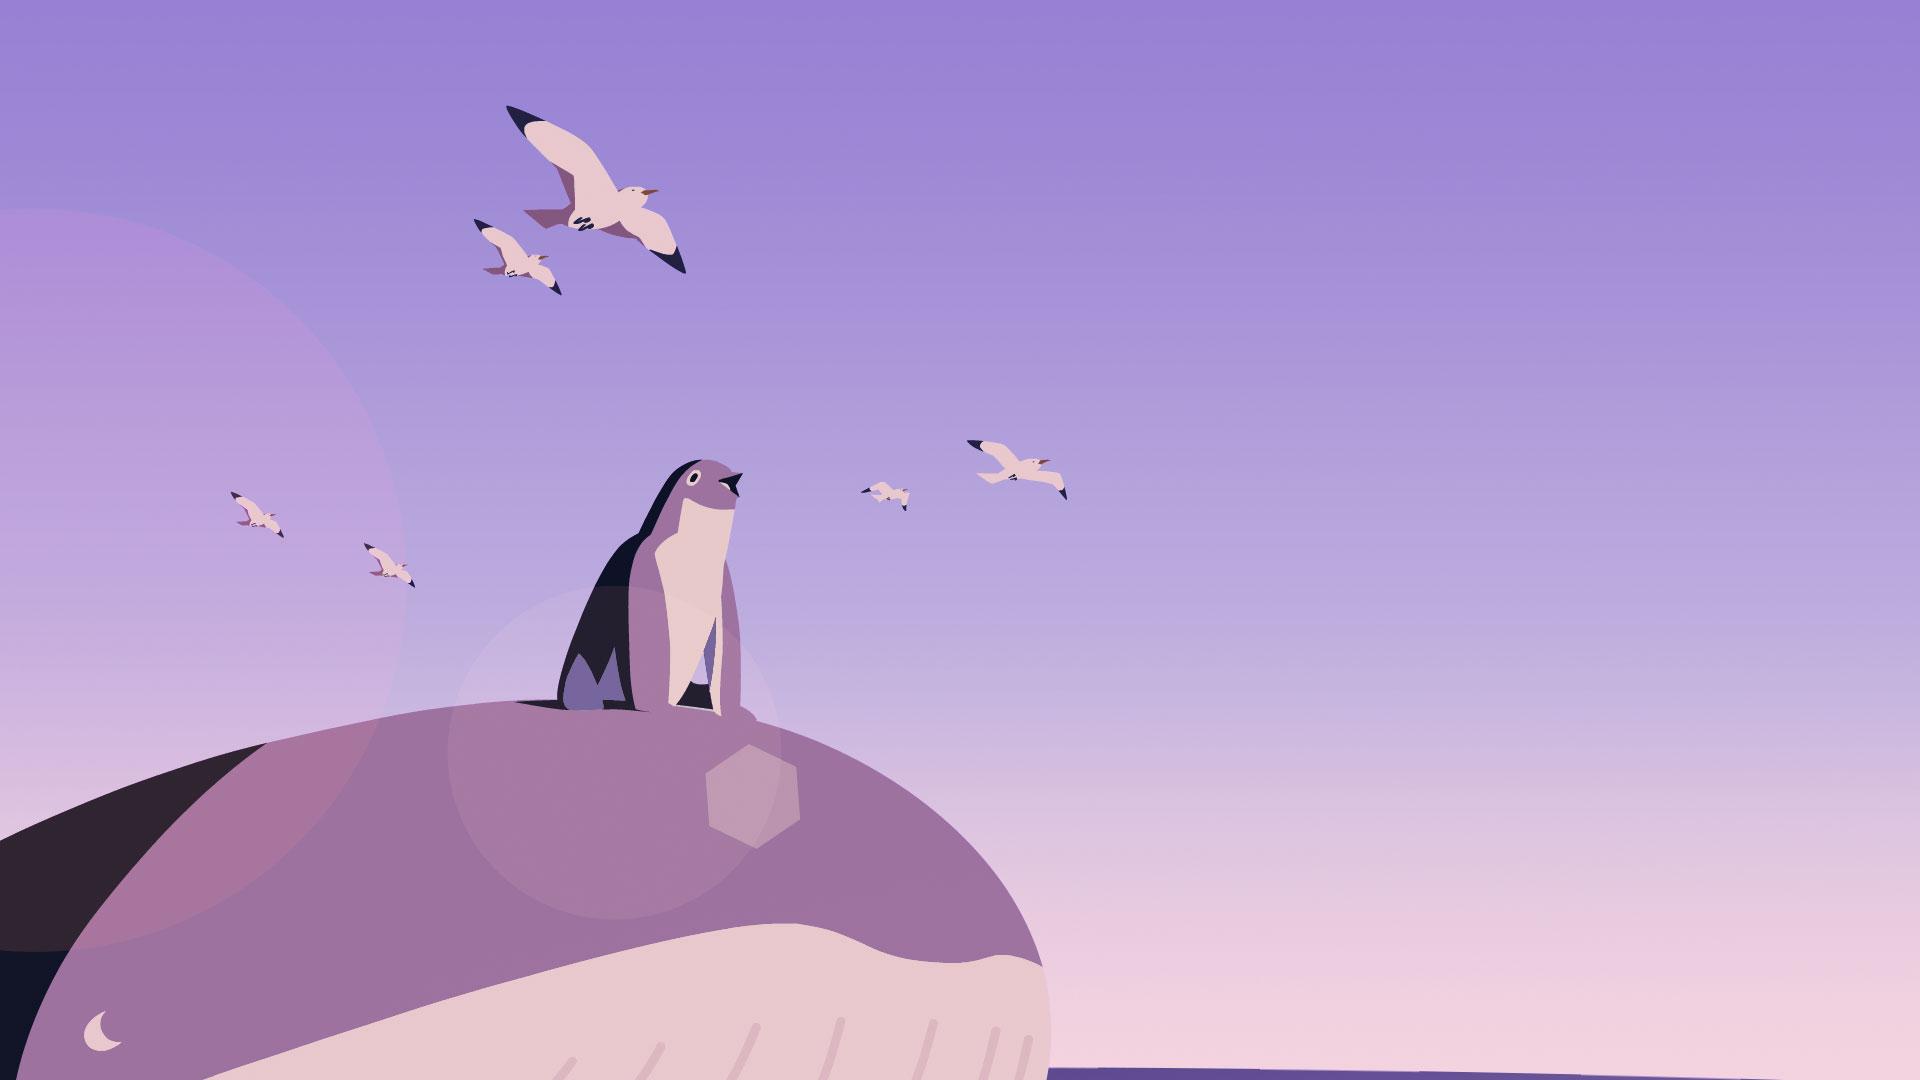 Penguin_bg